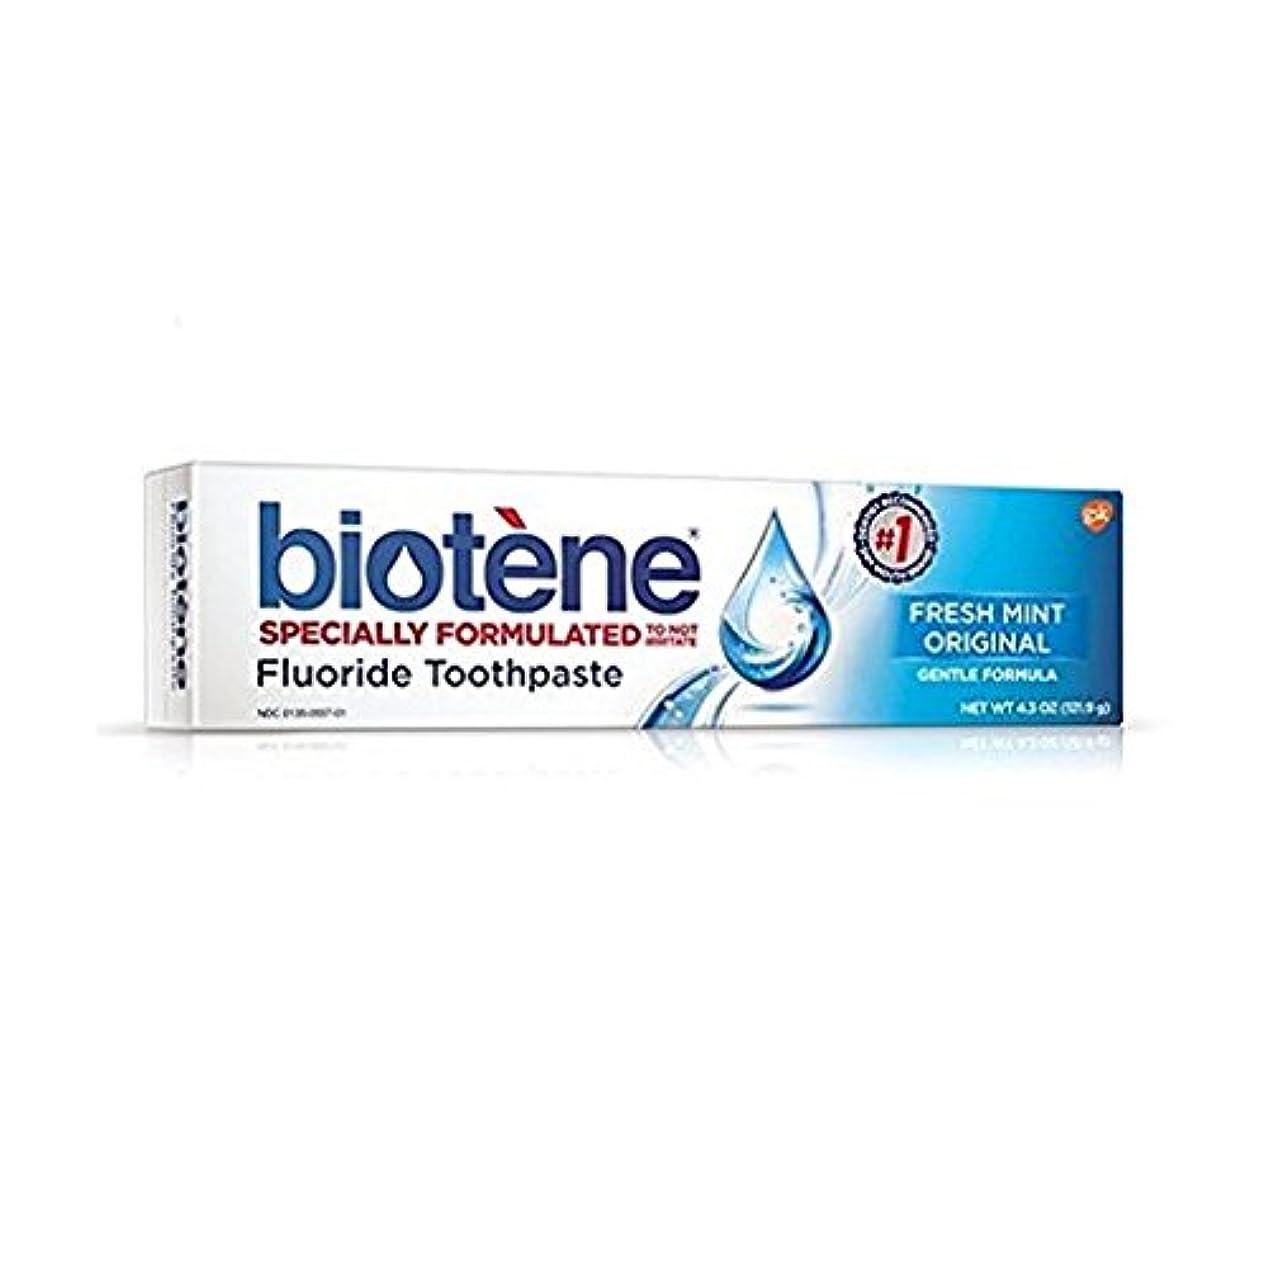 コロニアル目的コロニアルBiotene Dry Mouth Fluoride Toothpaste Fresh Mint Original 4.3 Oz. (2 Pack) by Biotene